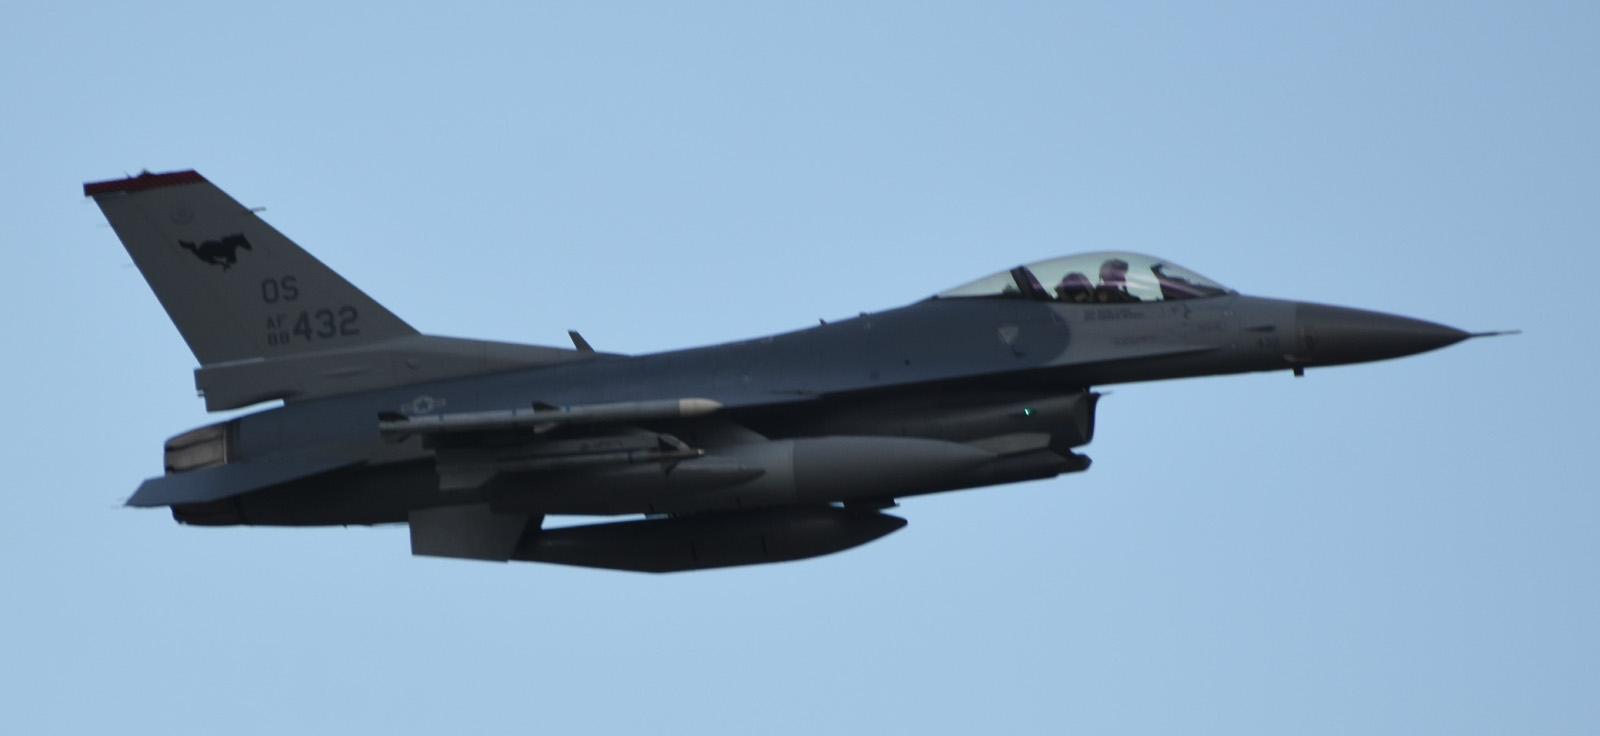 F16cm170604g298